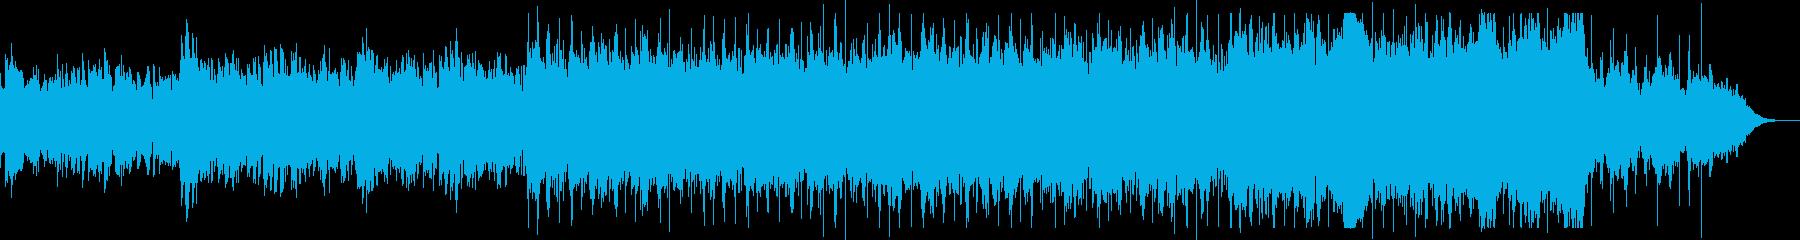 アコギで奏でる煌びやかなポップスの再生済みの波形